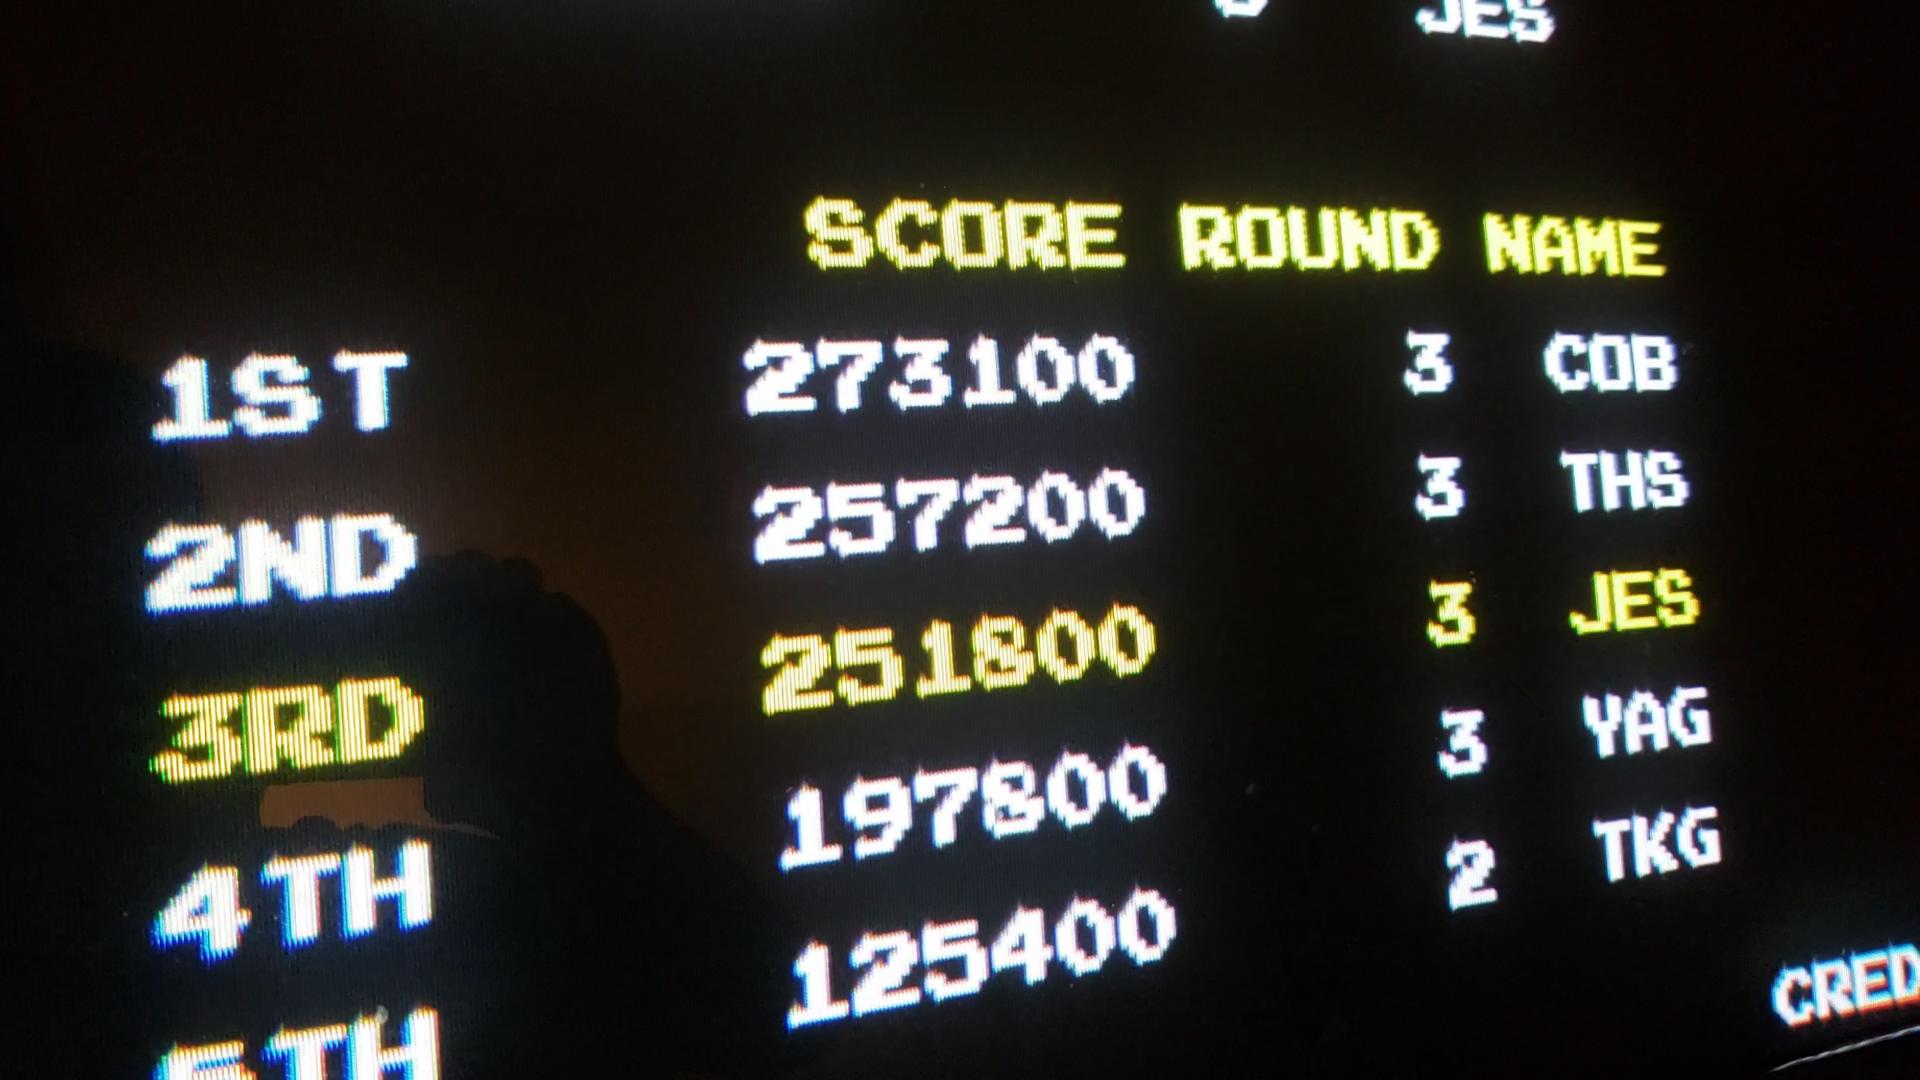 Rastan Saga [rastsaga] 251,800 points